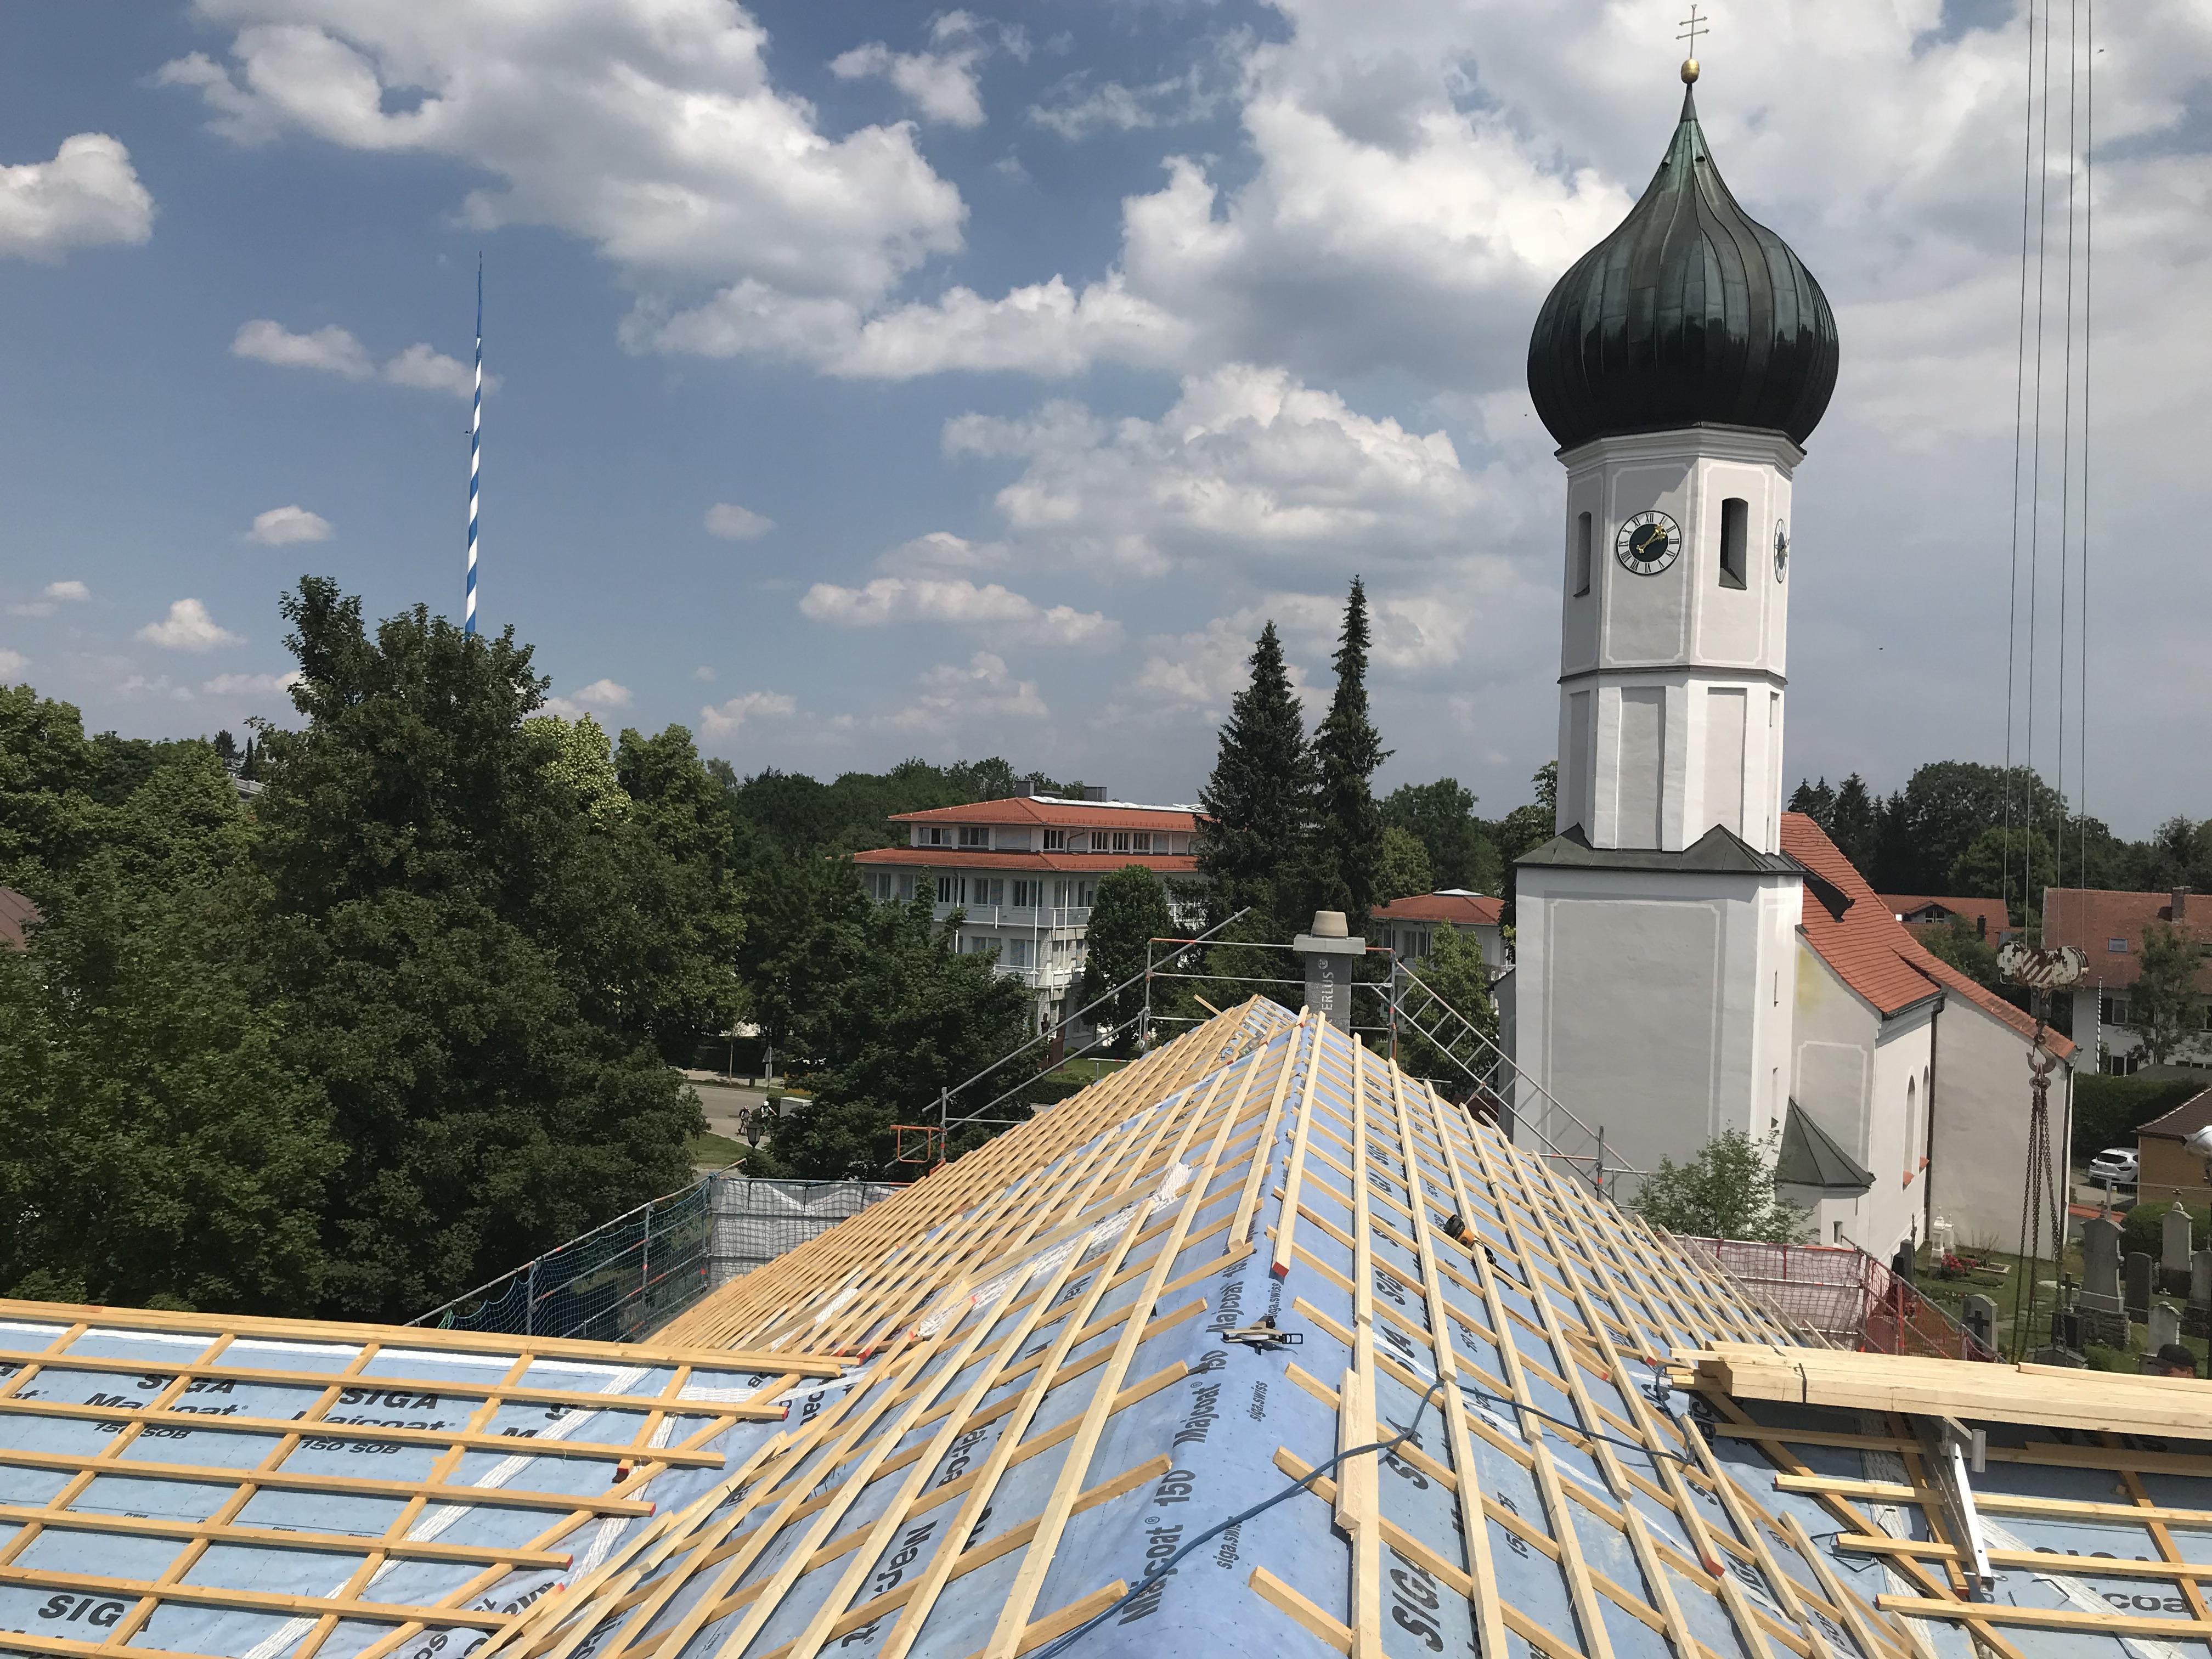 Neuer Dachstuhl mit Dacheindeckung